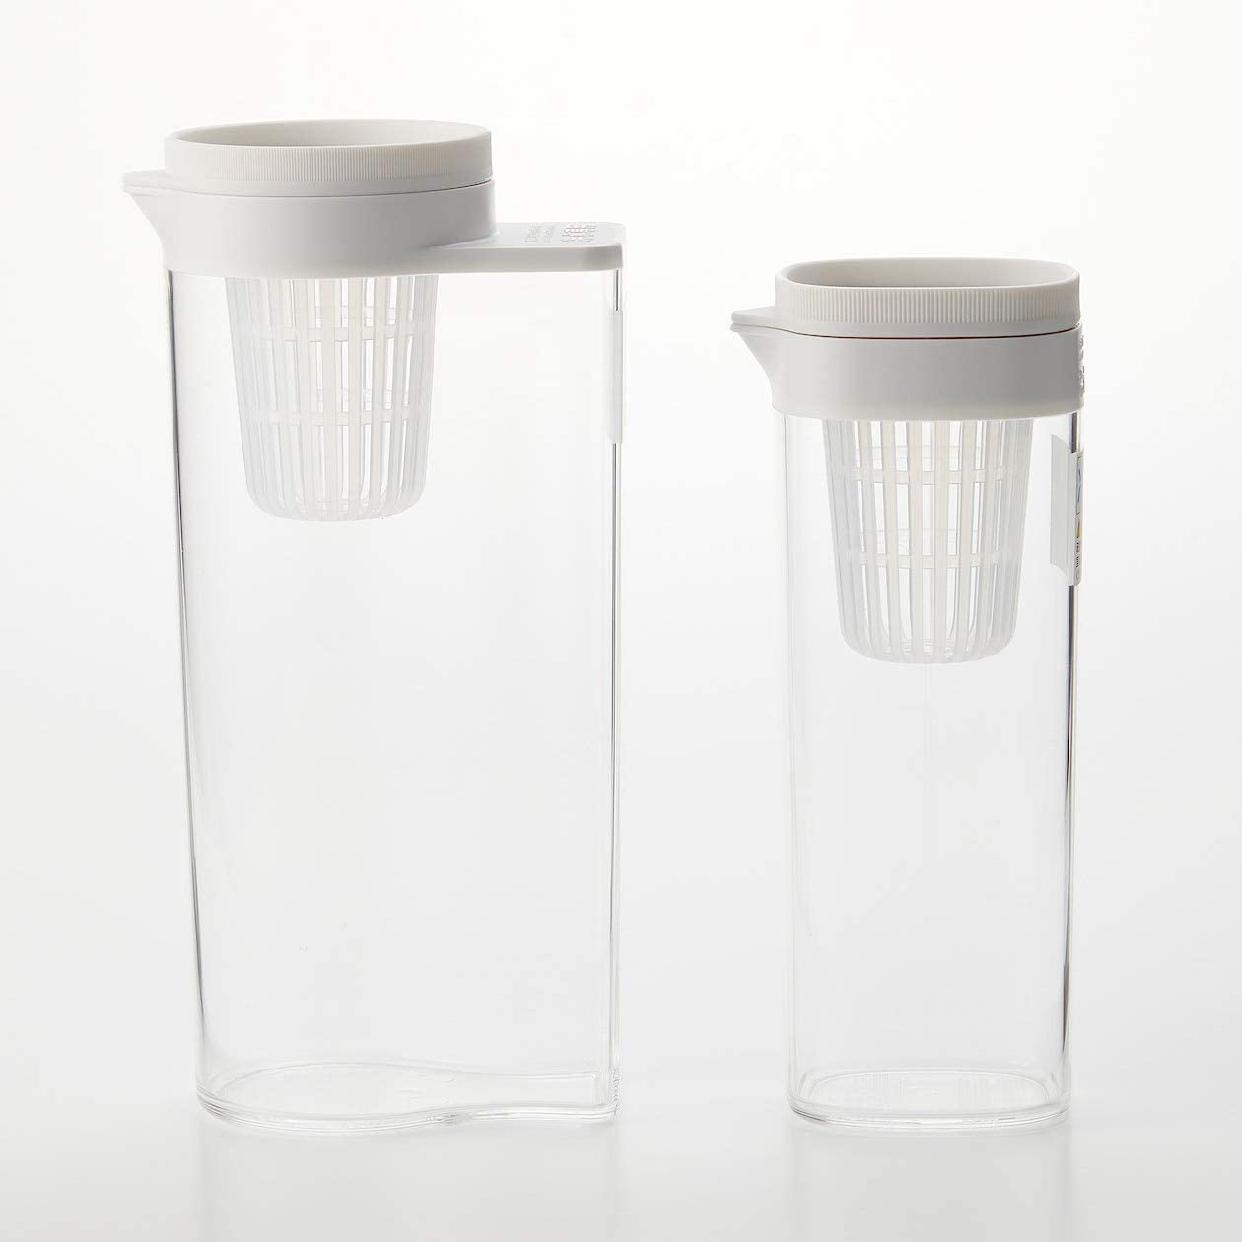 無印良品(MUJI) アクリル冷水筒 冷水専用約2L 44220931の商品画像12